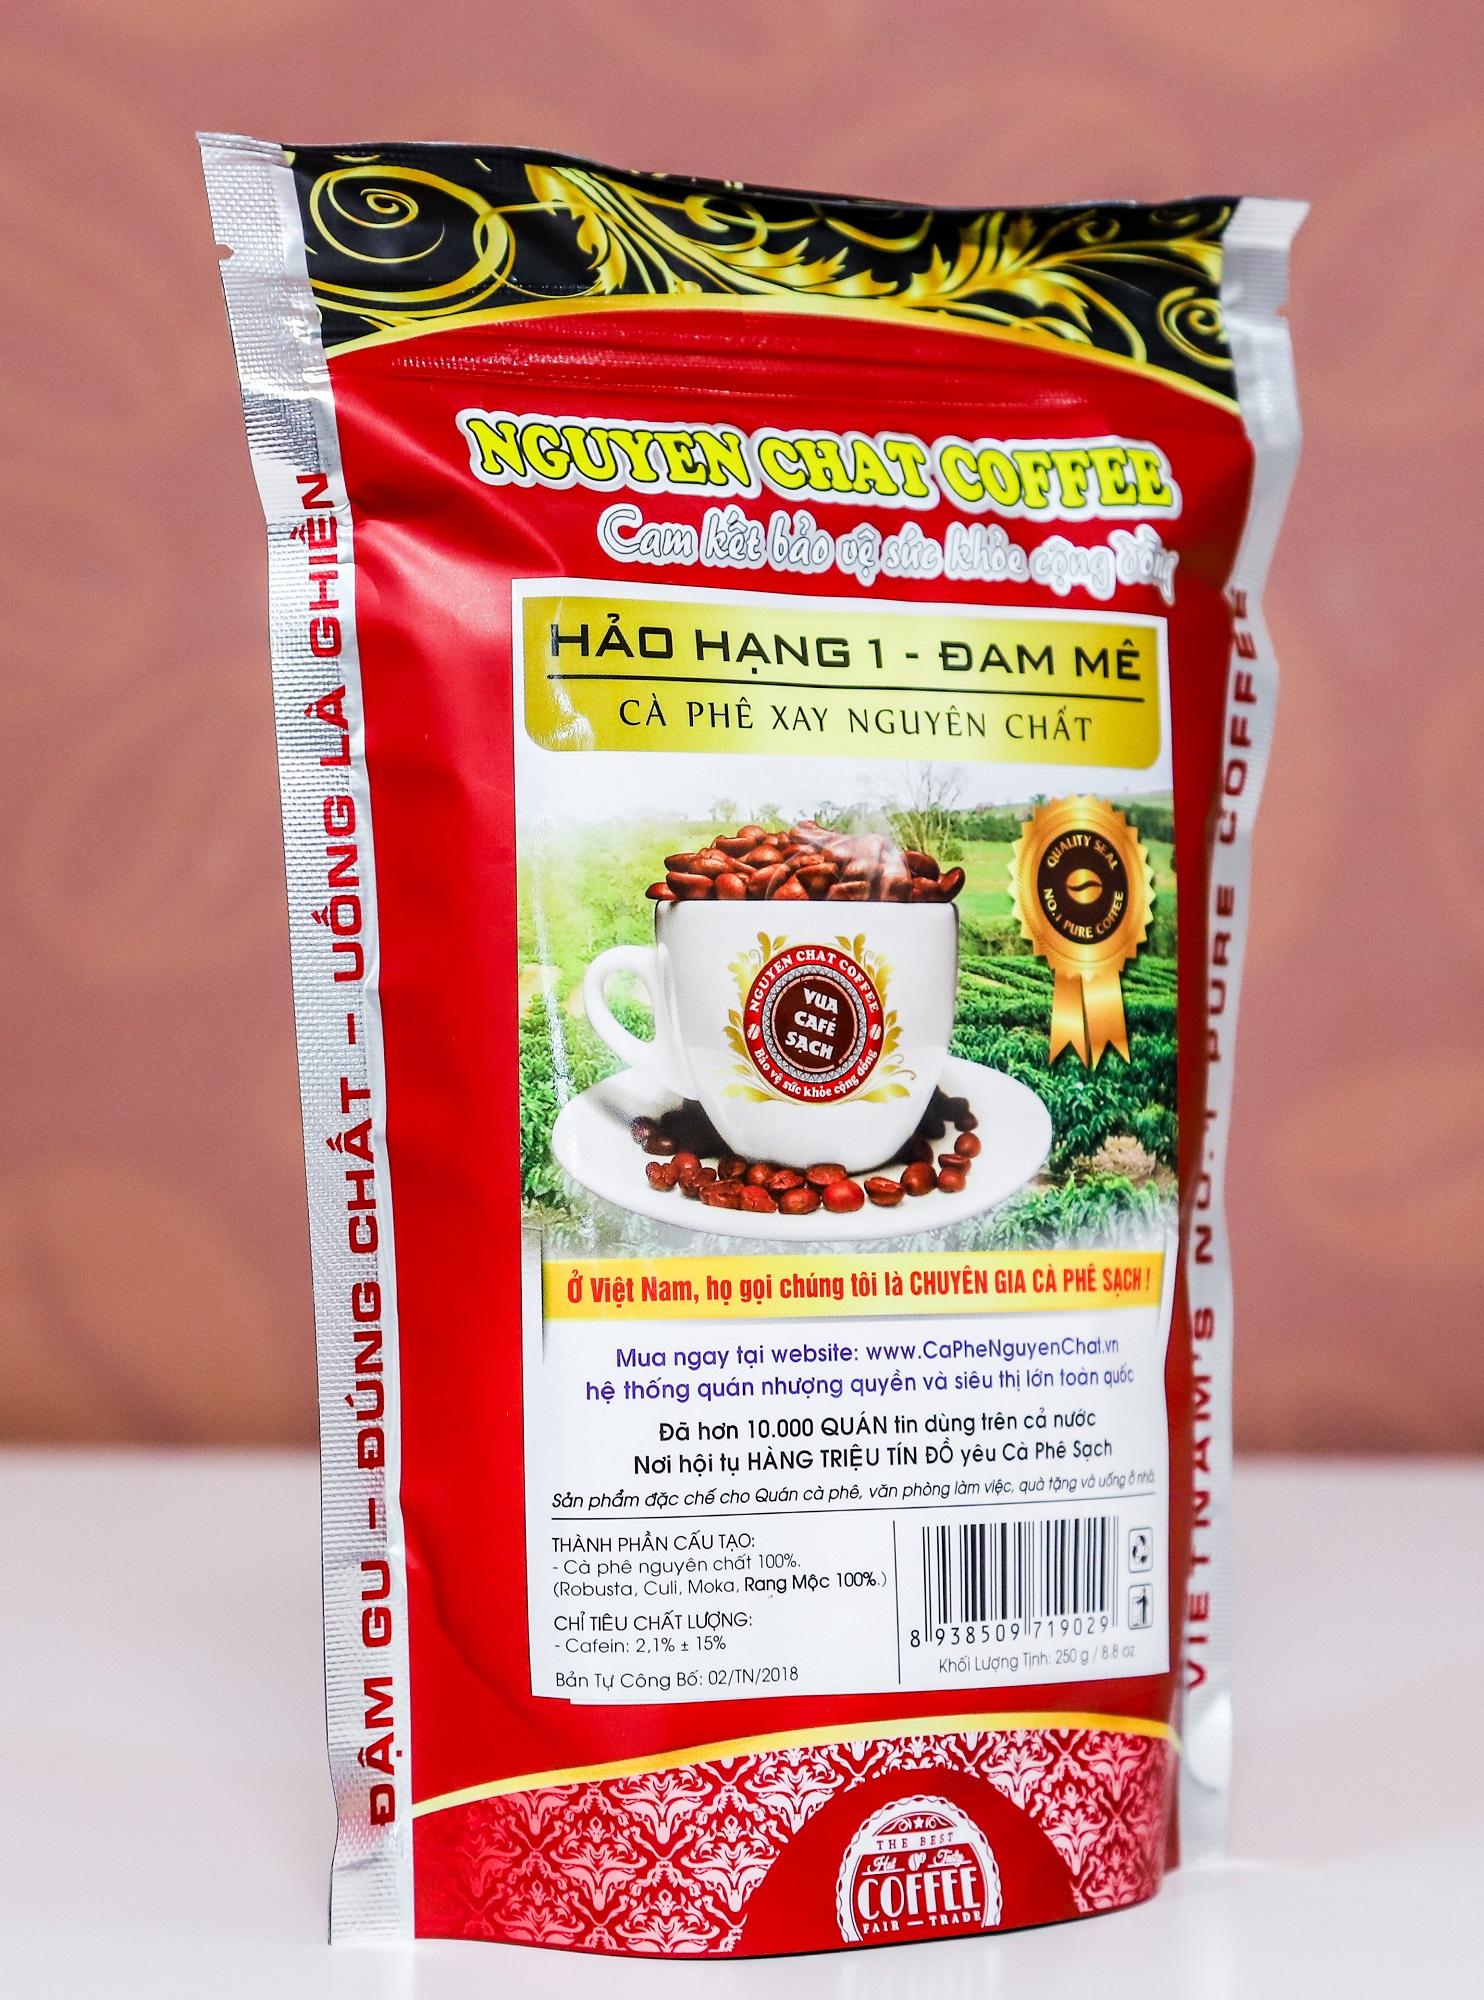 Bột cà phê nguyên chất Hảo Hạng 1